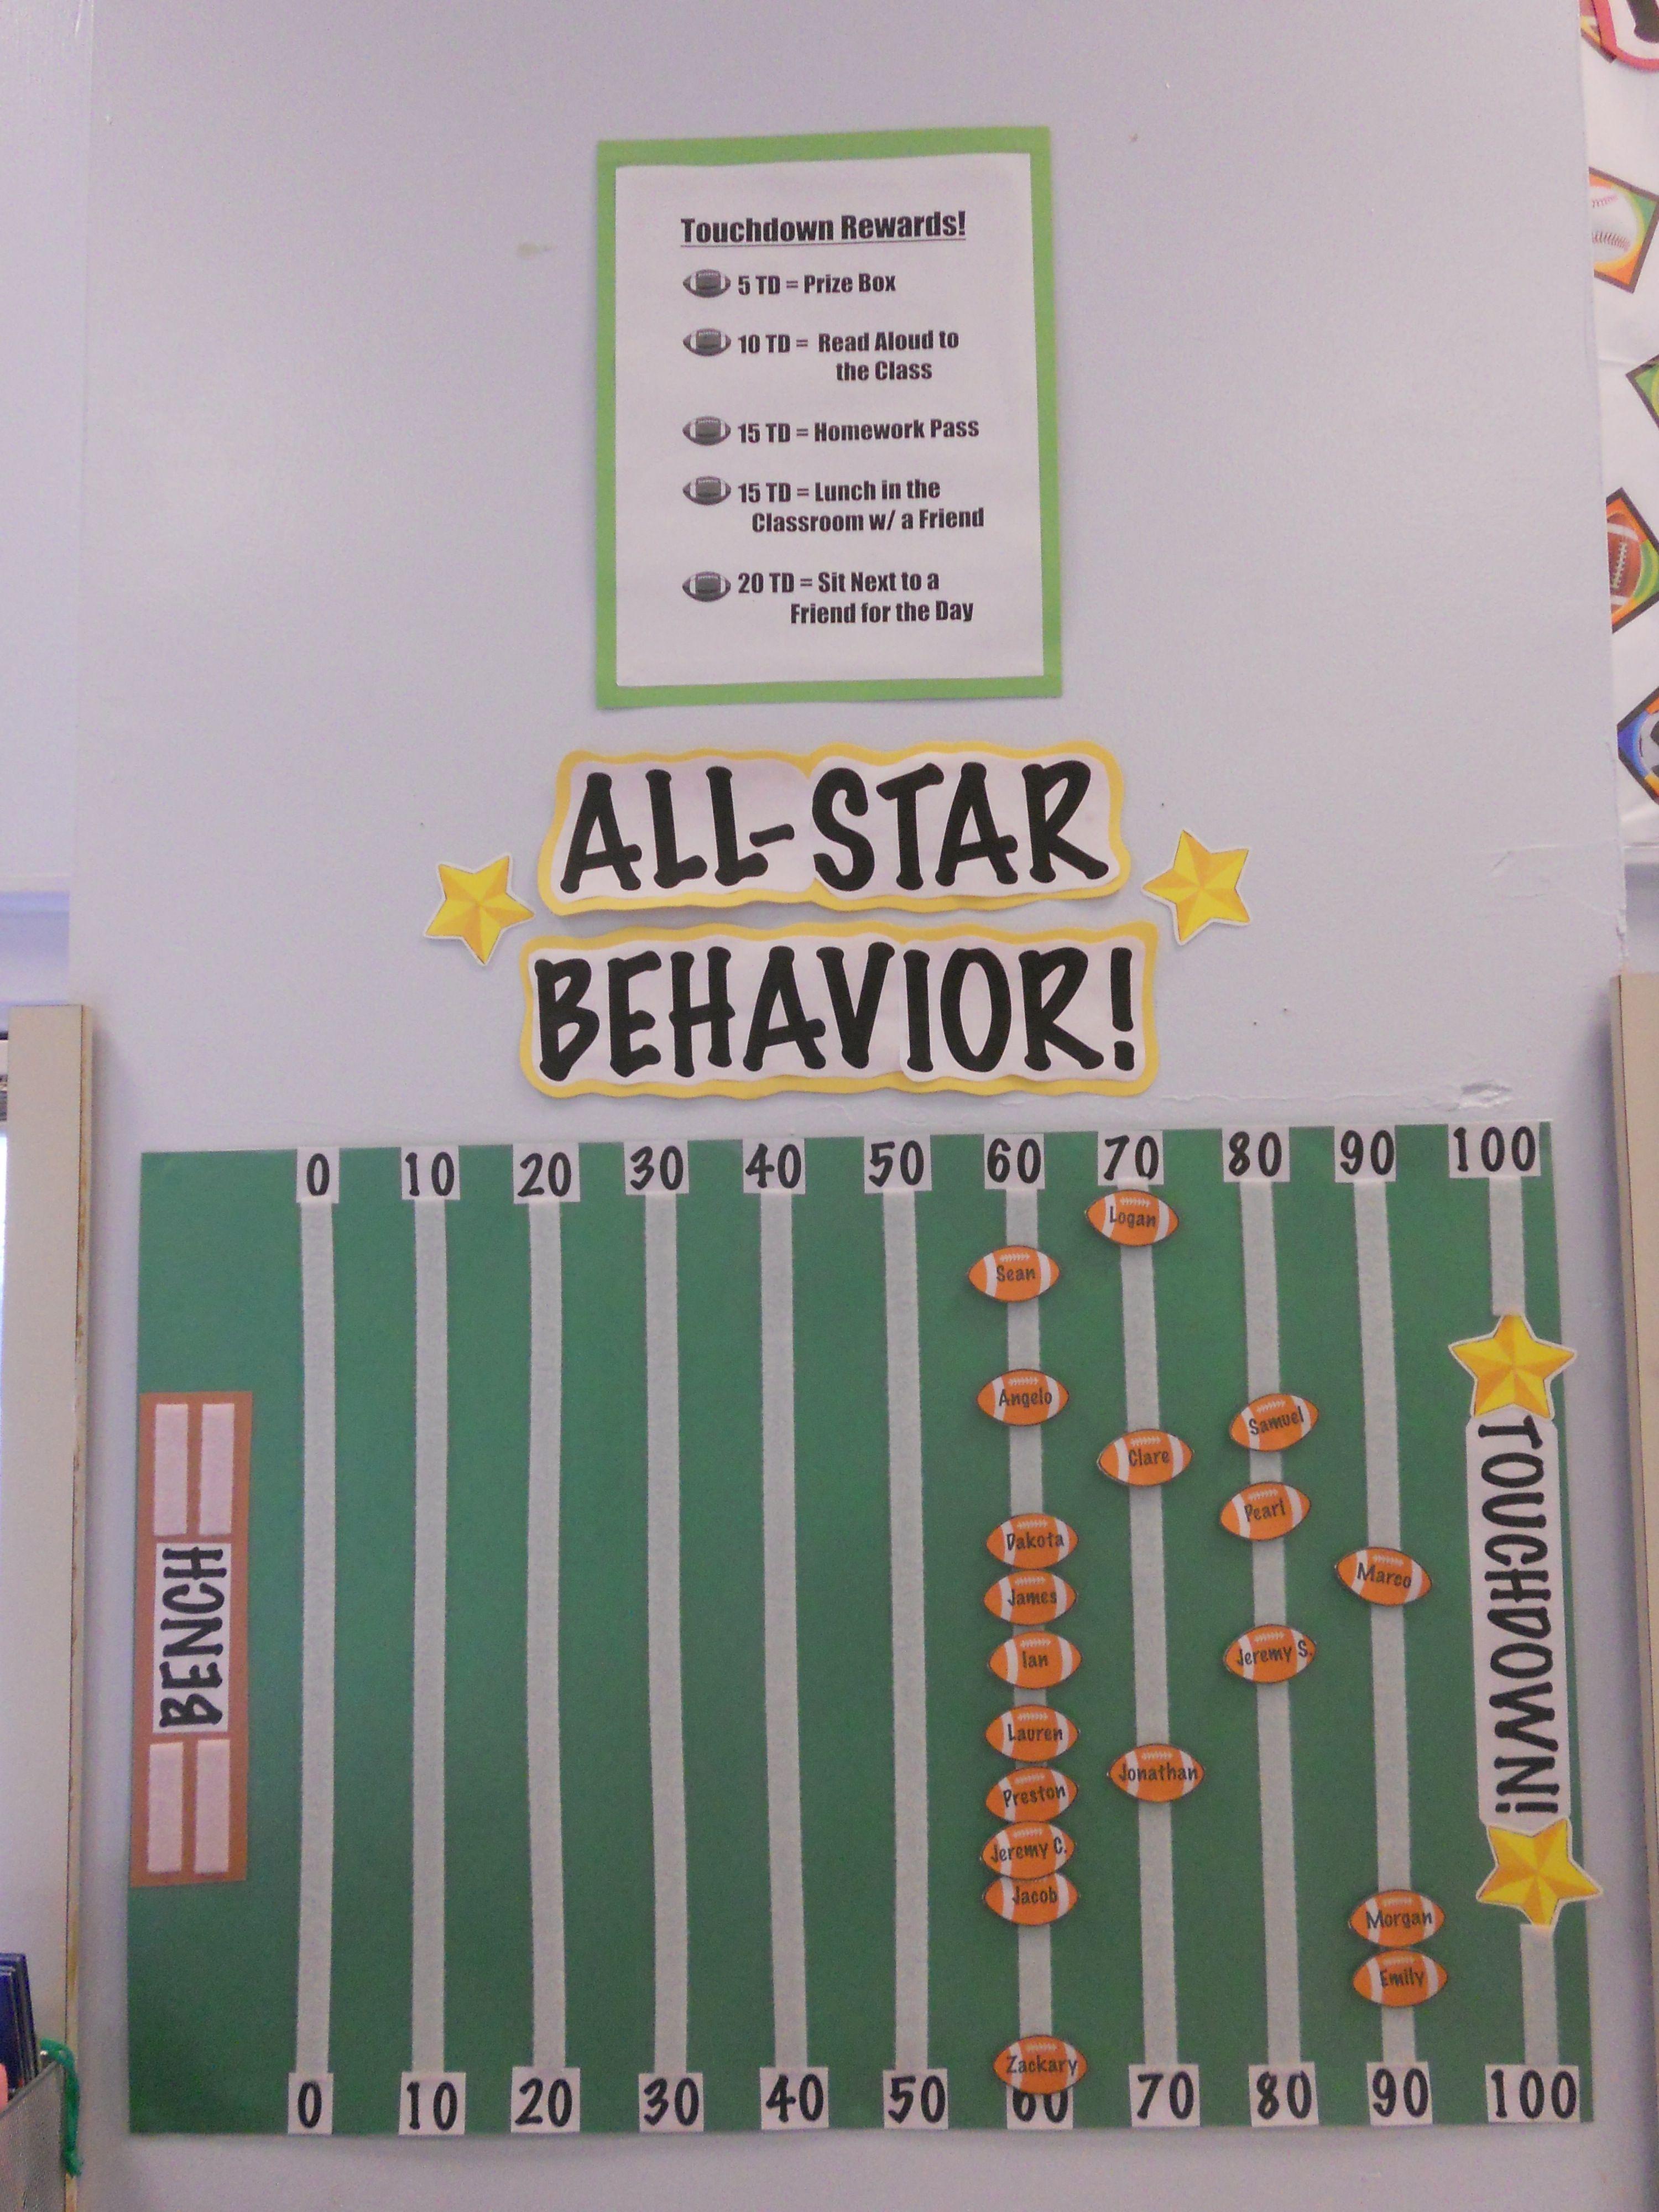 u0026quot all star behavior u0026quot  board  students move forward or